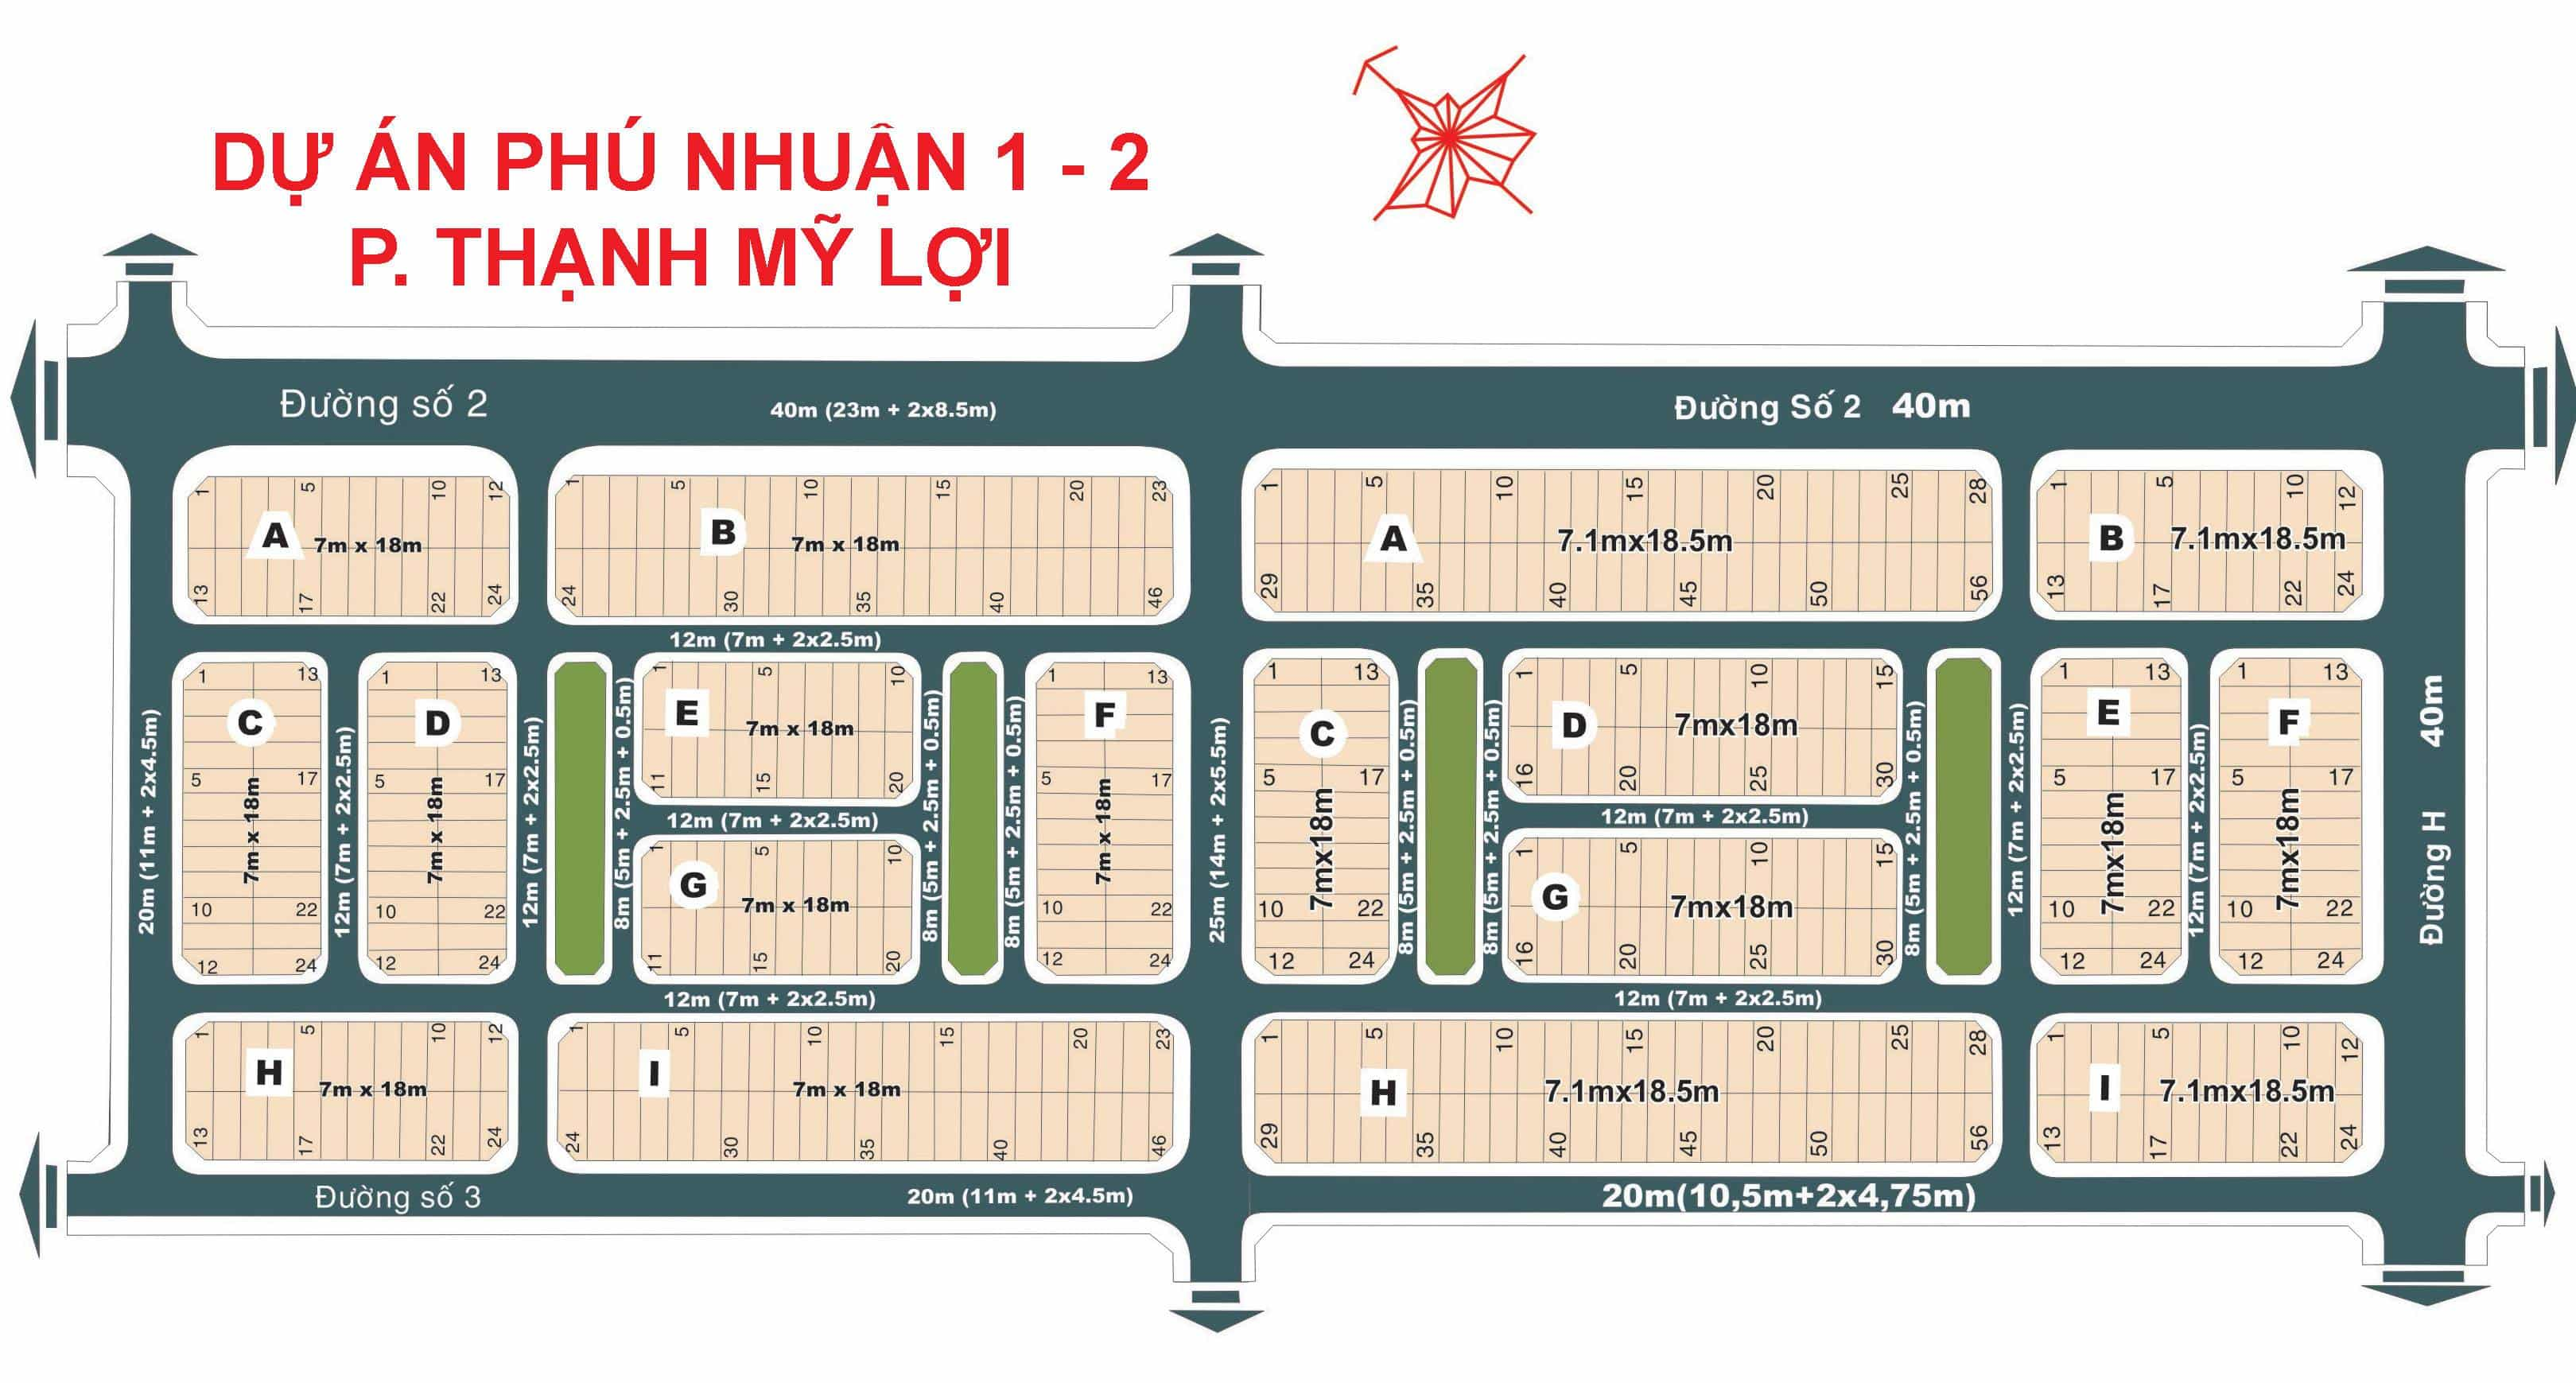 Bản đồ Dự án Phú Nhuận 1-2 phường Thạnh Mỹ Lợi